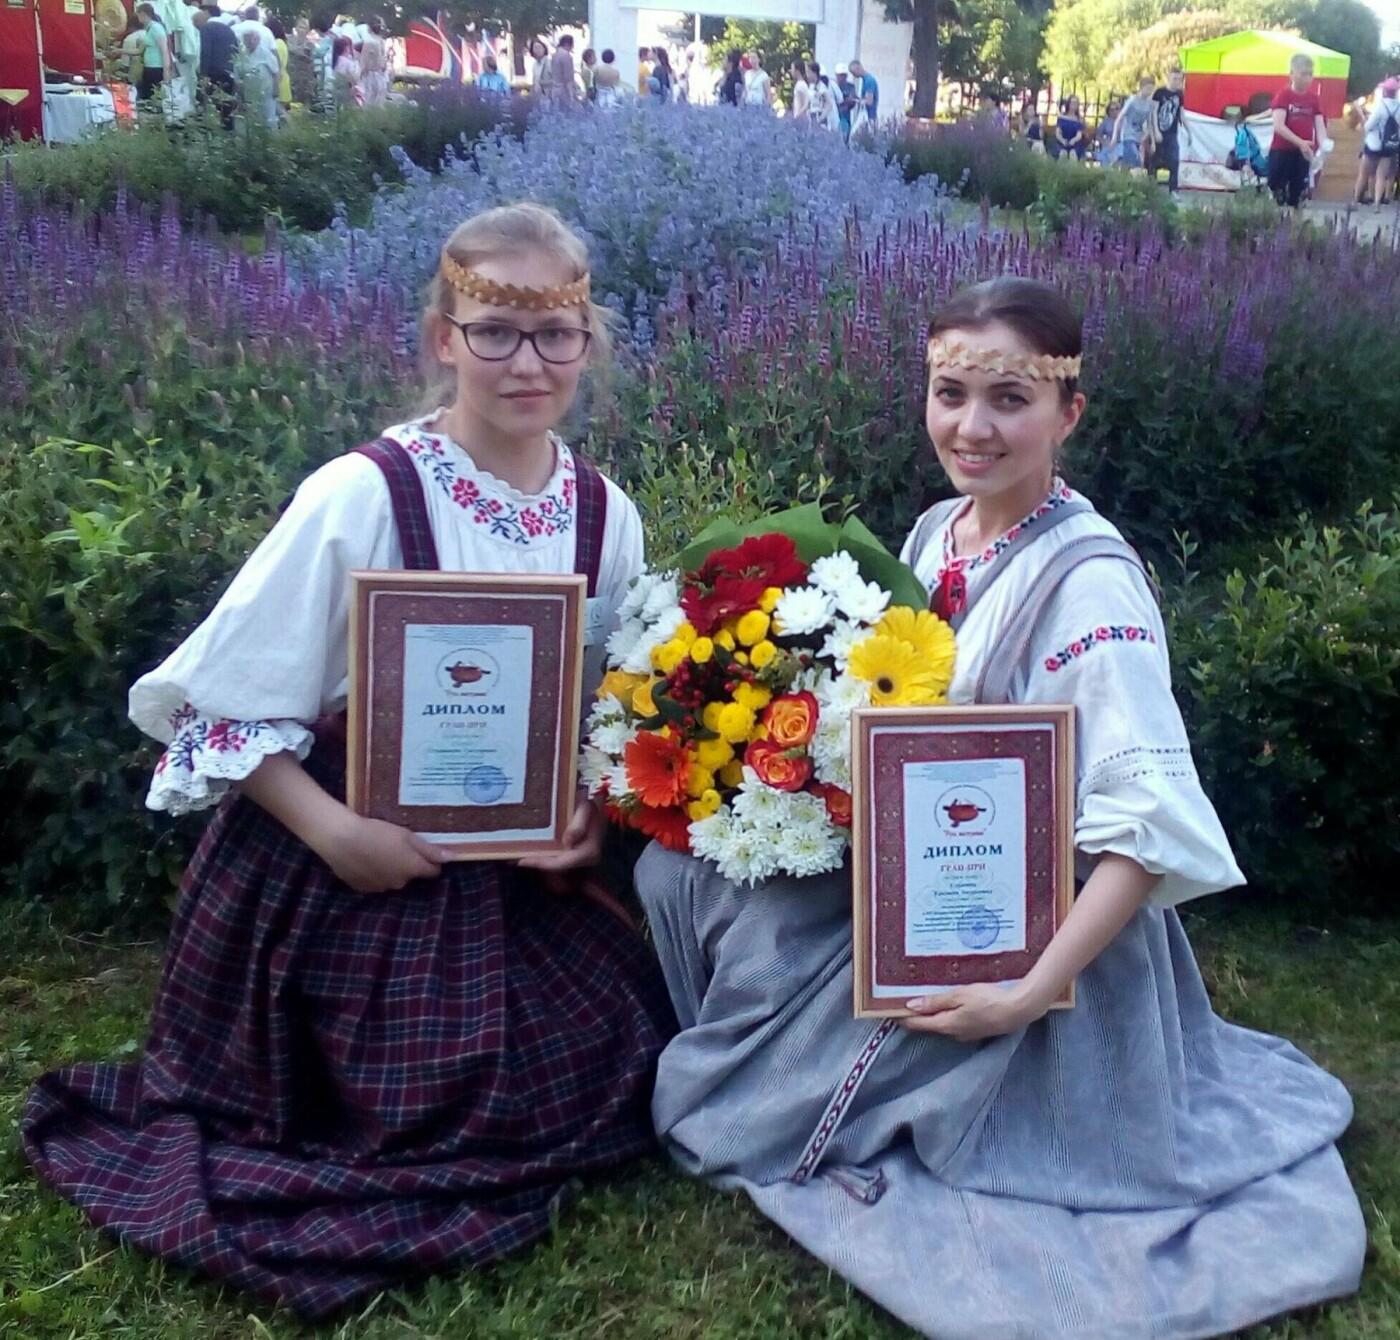 Дипломанты конкурса Евгения Сурнина и Екатерина Станкевич, Использованы фотографии из свободных источников